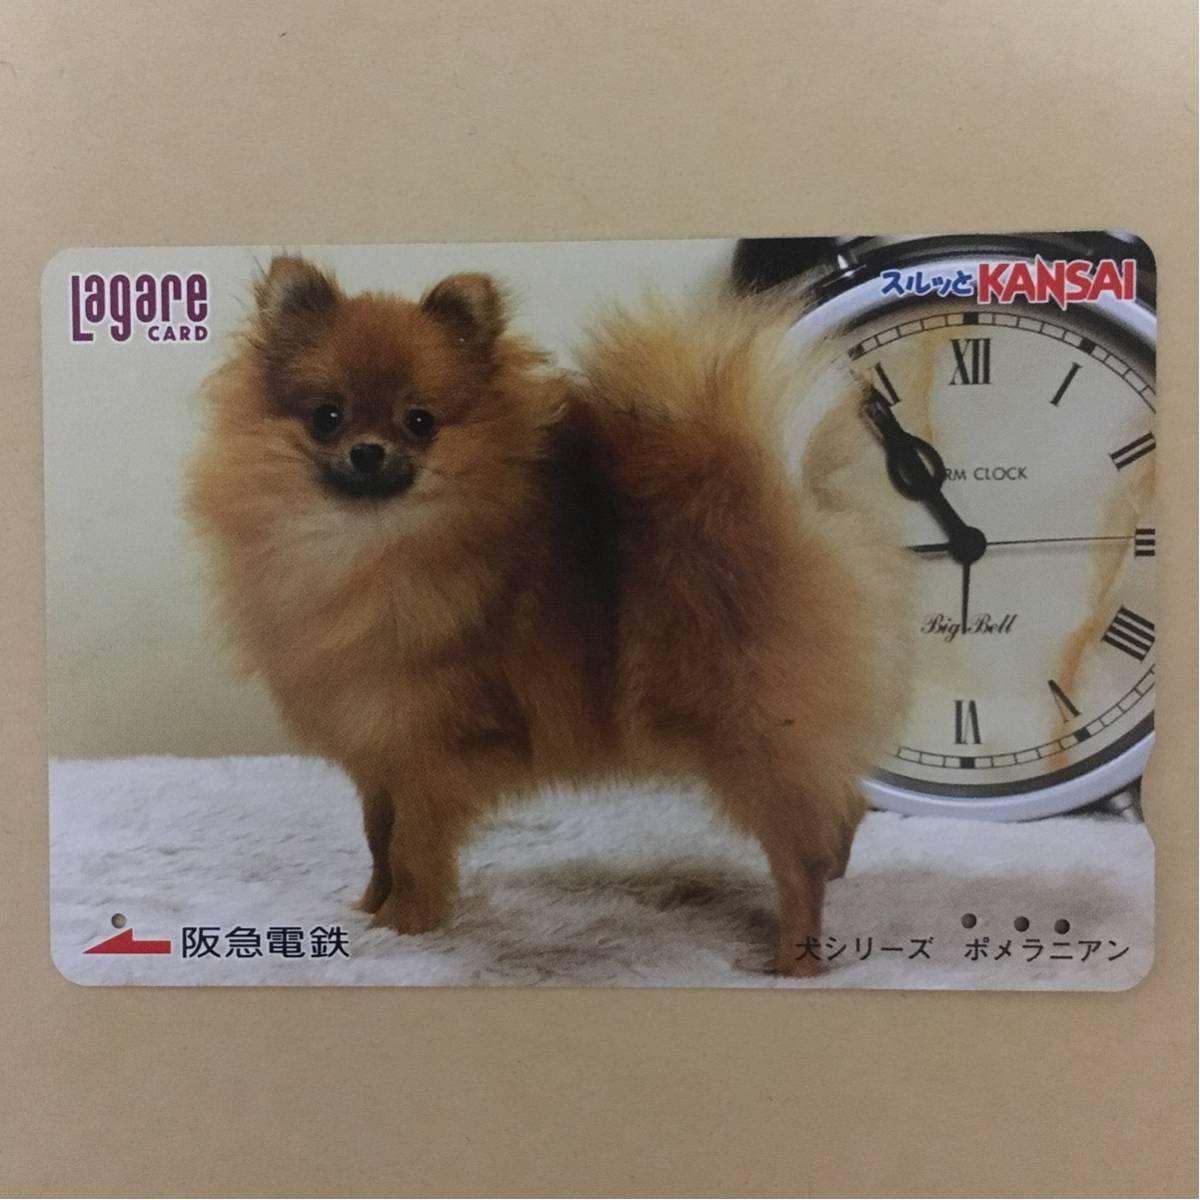 【使用済】 スルッとKANSAI 阪急電鉄 犬シリーズ ポメラニアン_画像1